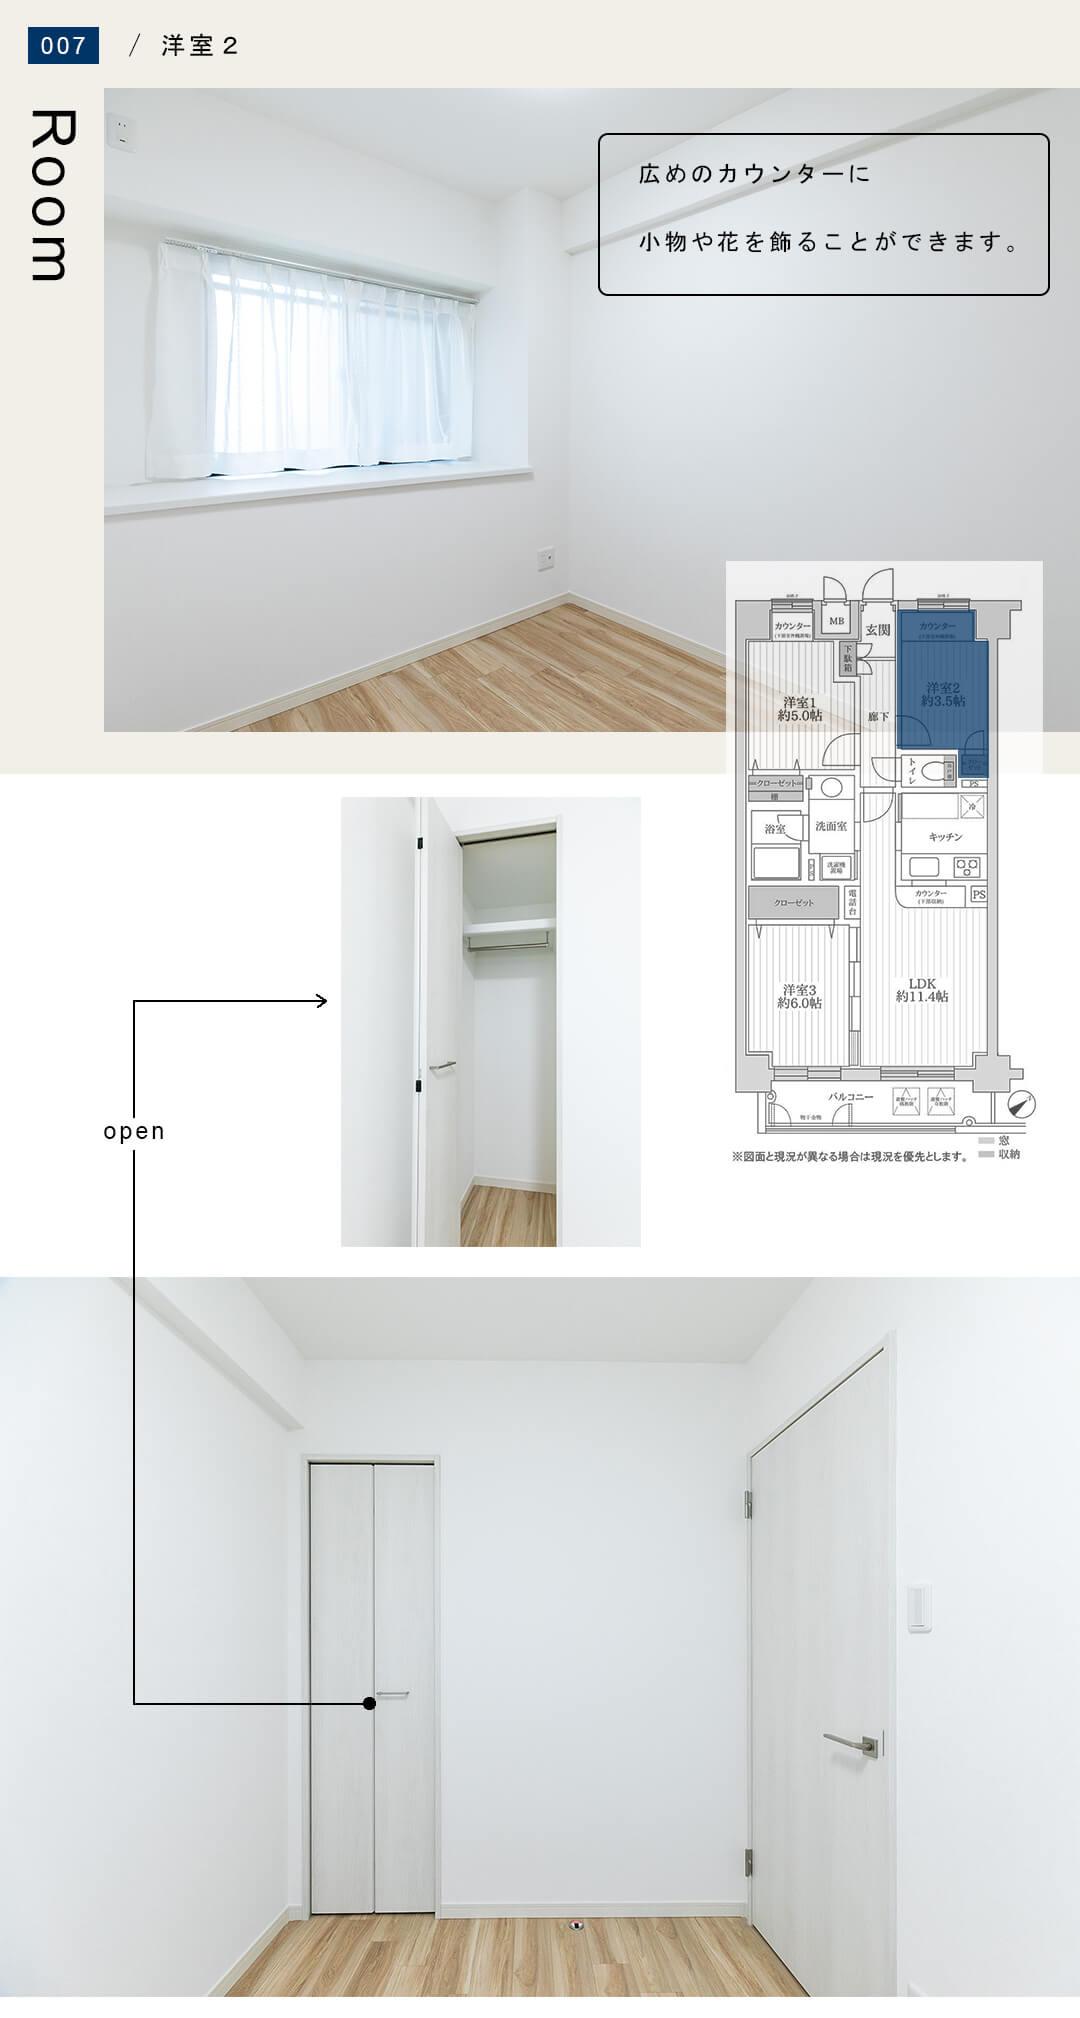 パルミナード尾山台弐番館304の洋室2